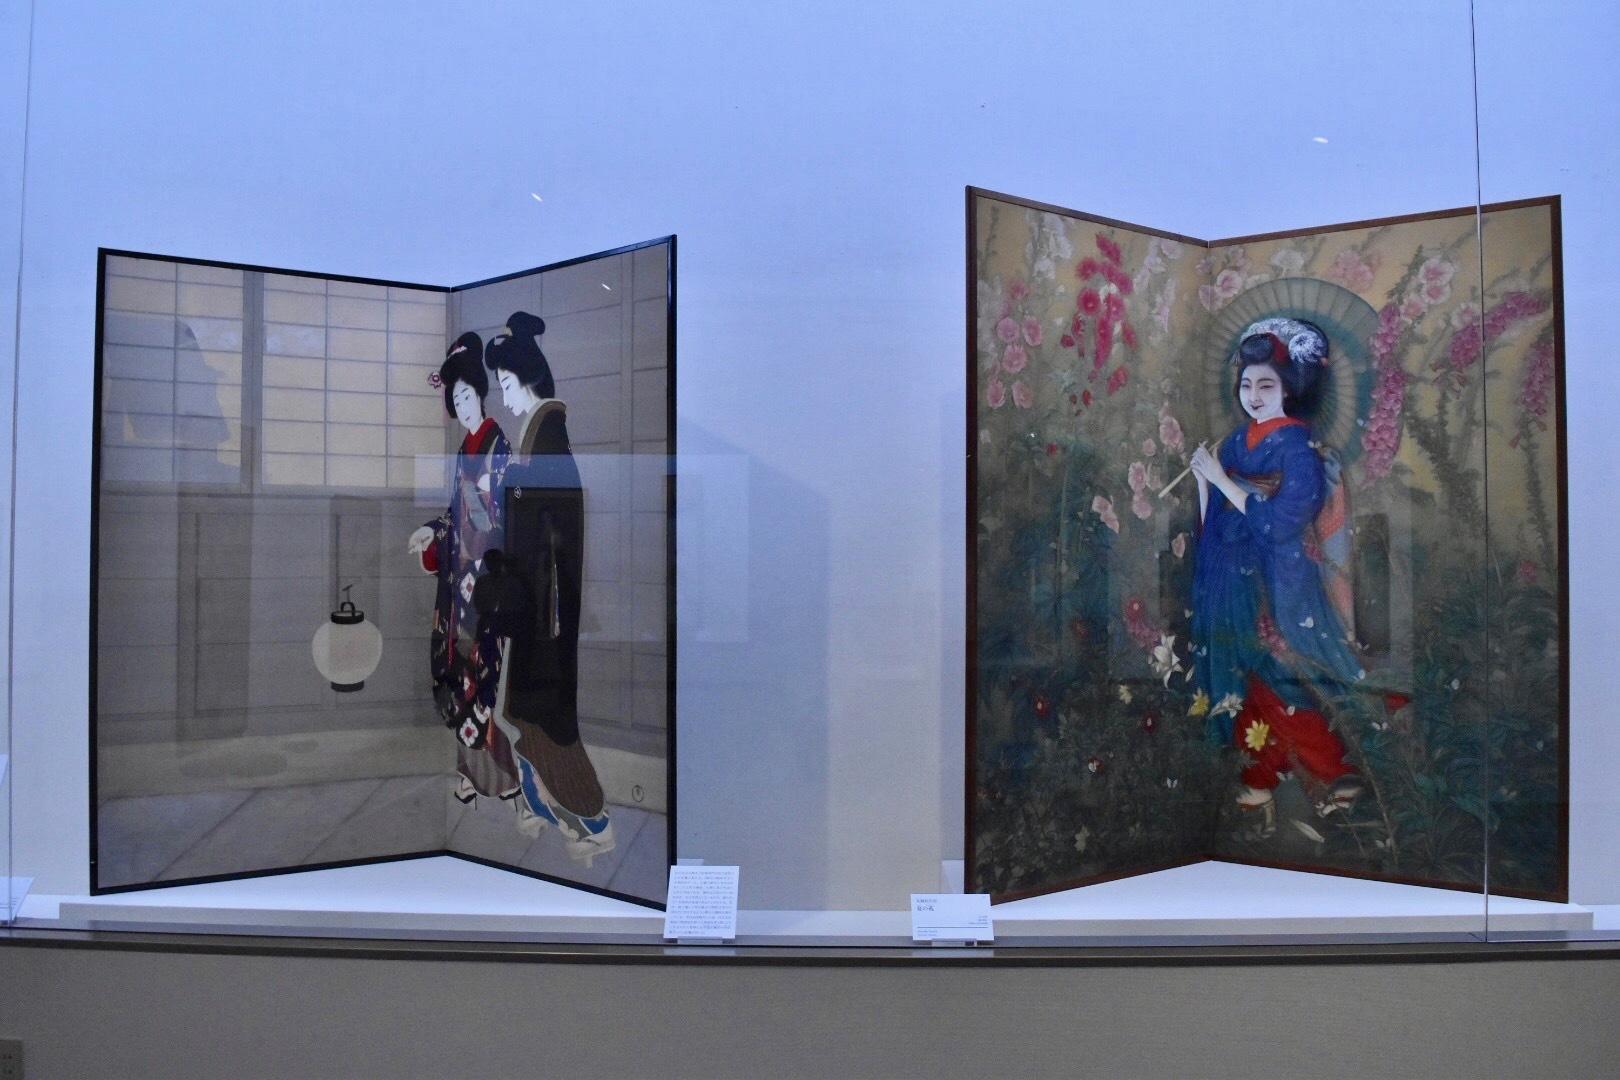 左:丸岡比呂史 《路次の細道》 大正5(1916)年 京都市立芸術大学芸術資料館 右:丸岡比呂史 《夏の苑》 大正末期 京都国立近代美術館